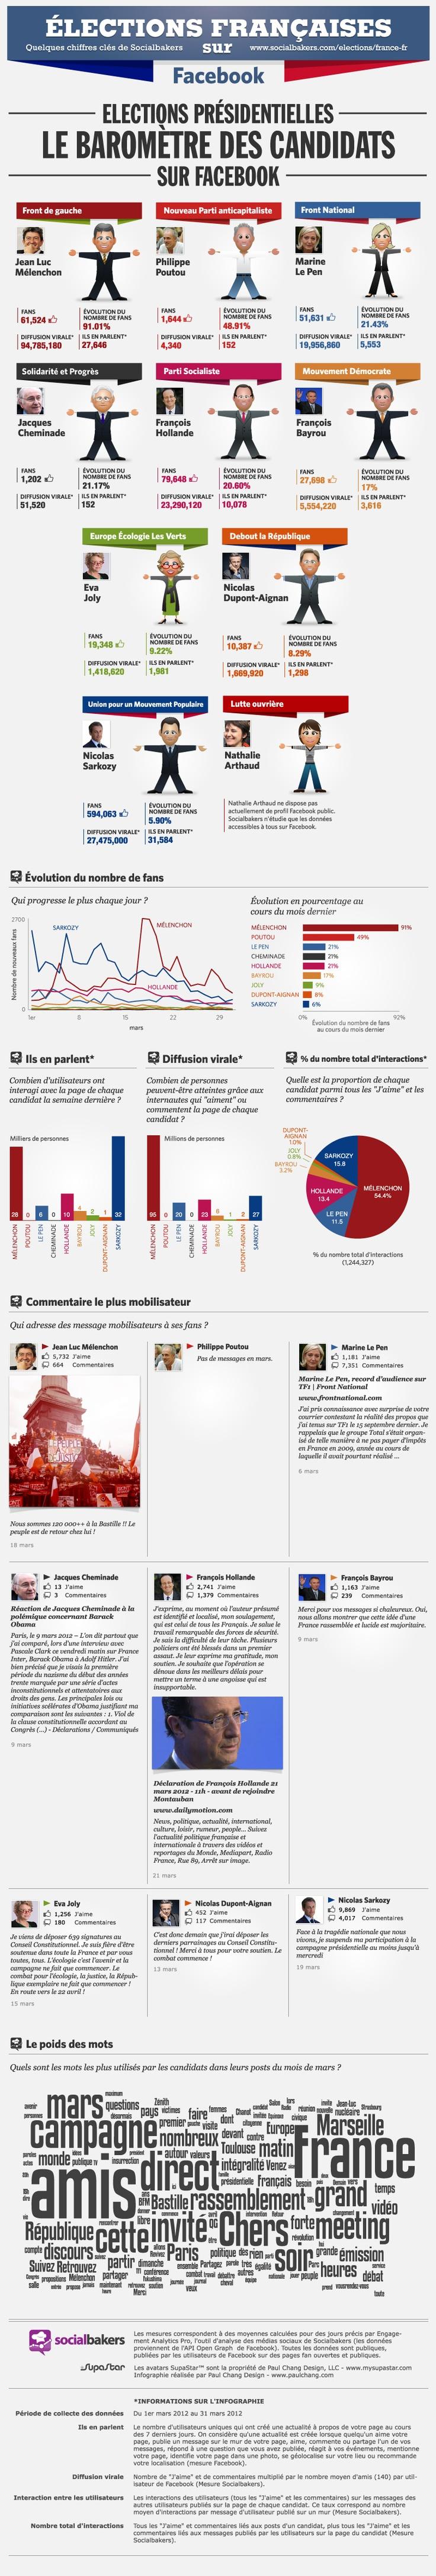 Infographie baromètre Facebook candidats à la présidentielle - http://bit.ly/infographie-barometre-facebook-presidentielle-locita